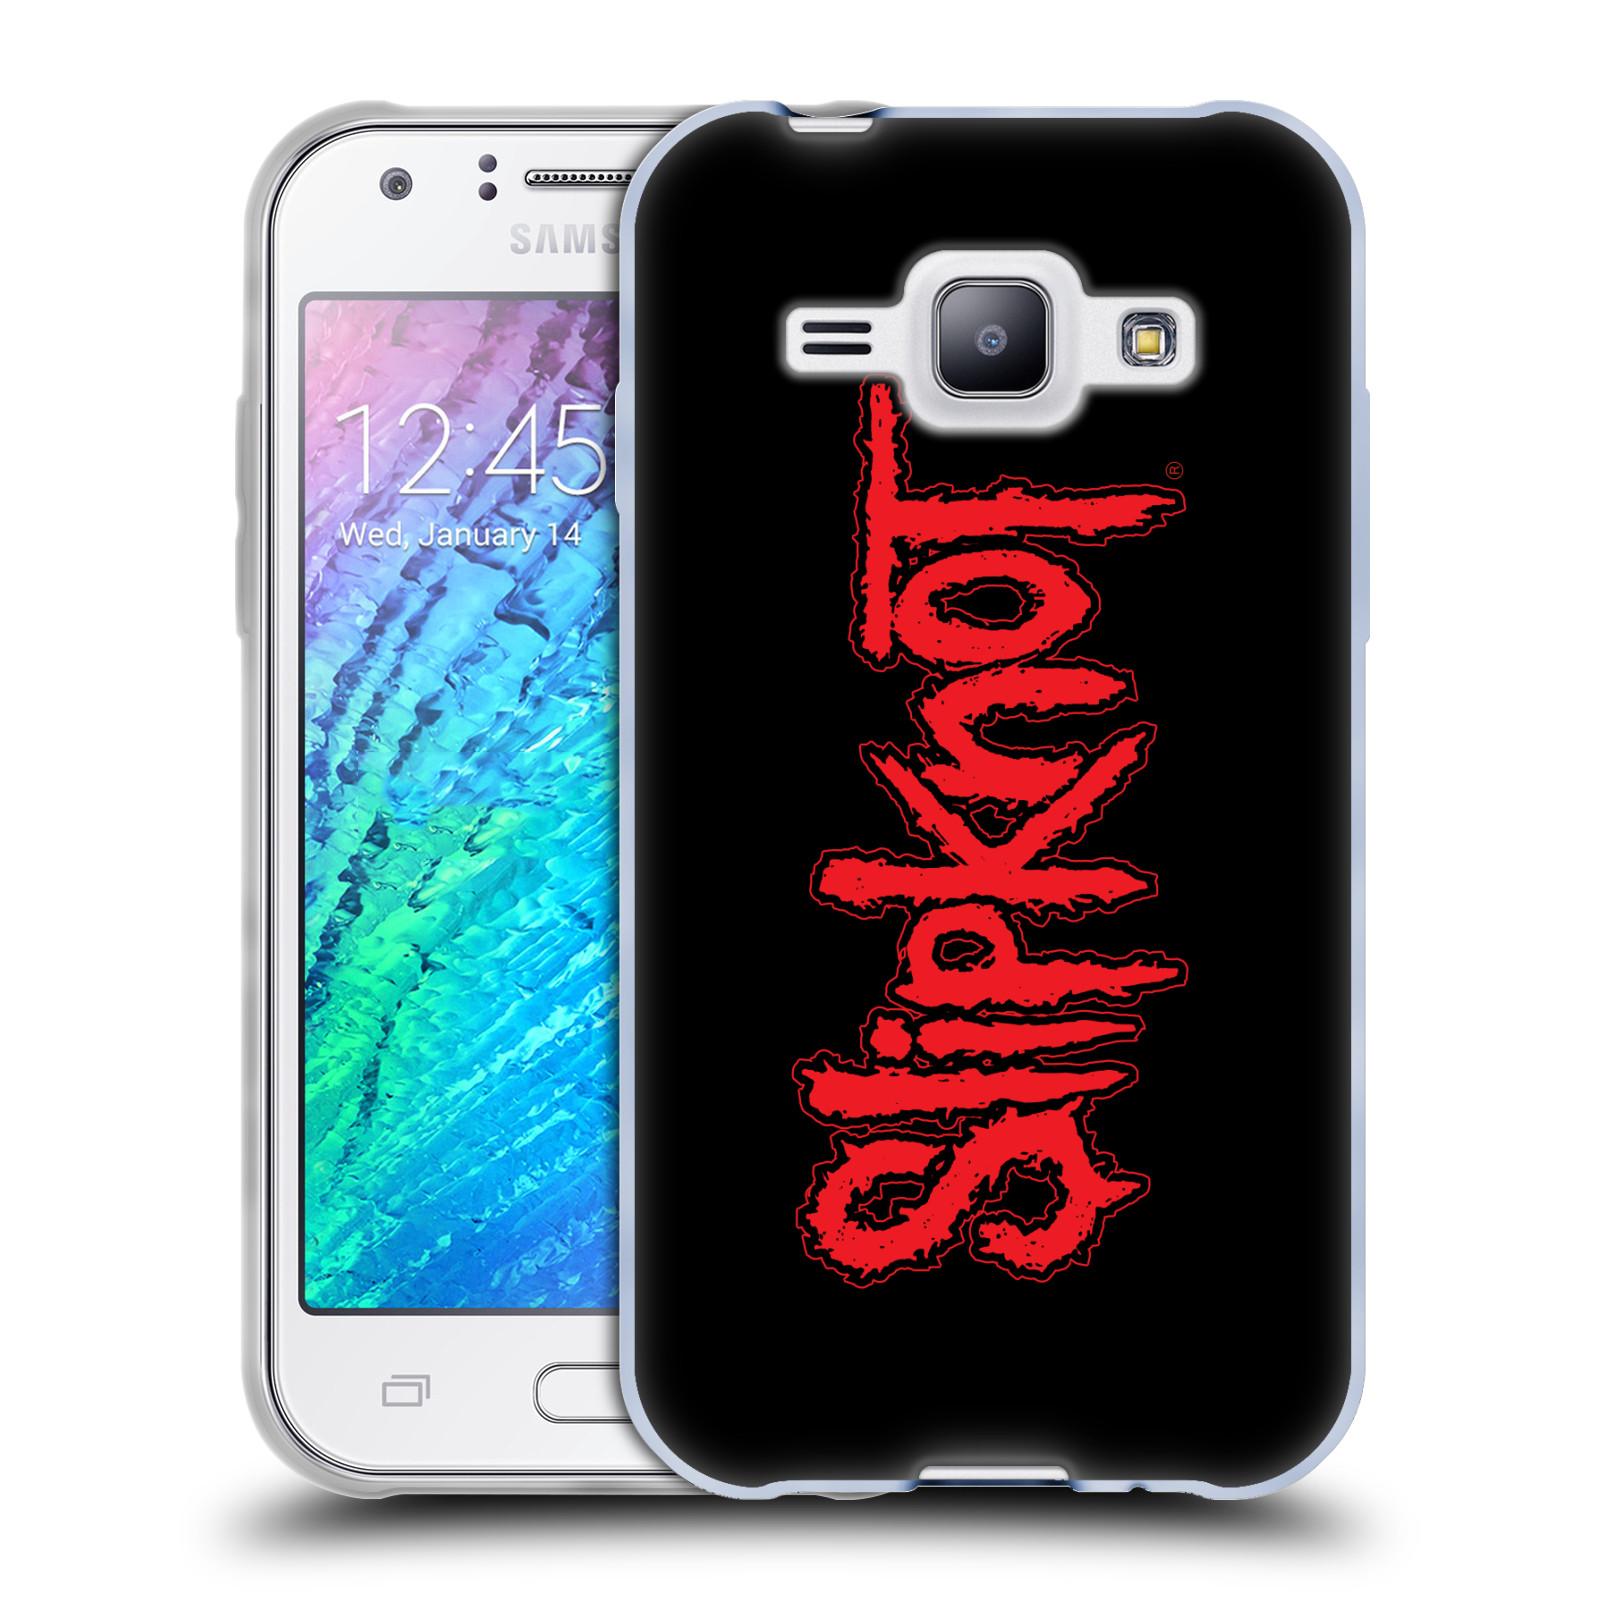 Silikonové pouzdro na mobil Samsung Galaxy J1 HEAD CASE Slipknot - Logo (Silikonový kryt či obal na mobilní telefon licencovaným motivem Slipknot pro Samsung Galaxy J1 a J1 Duos)